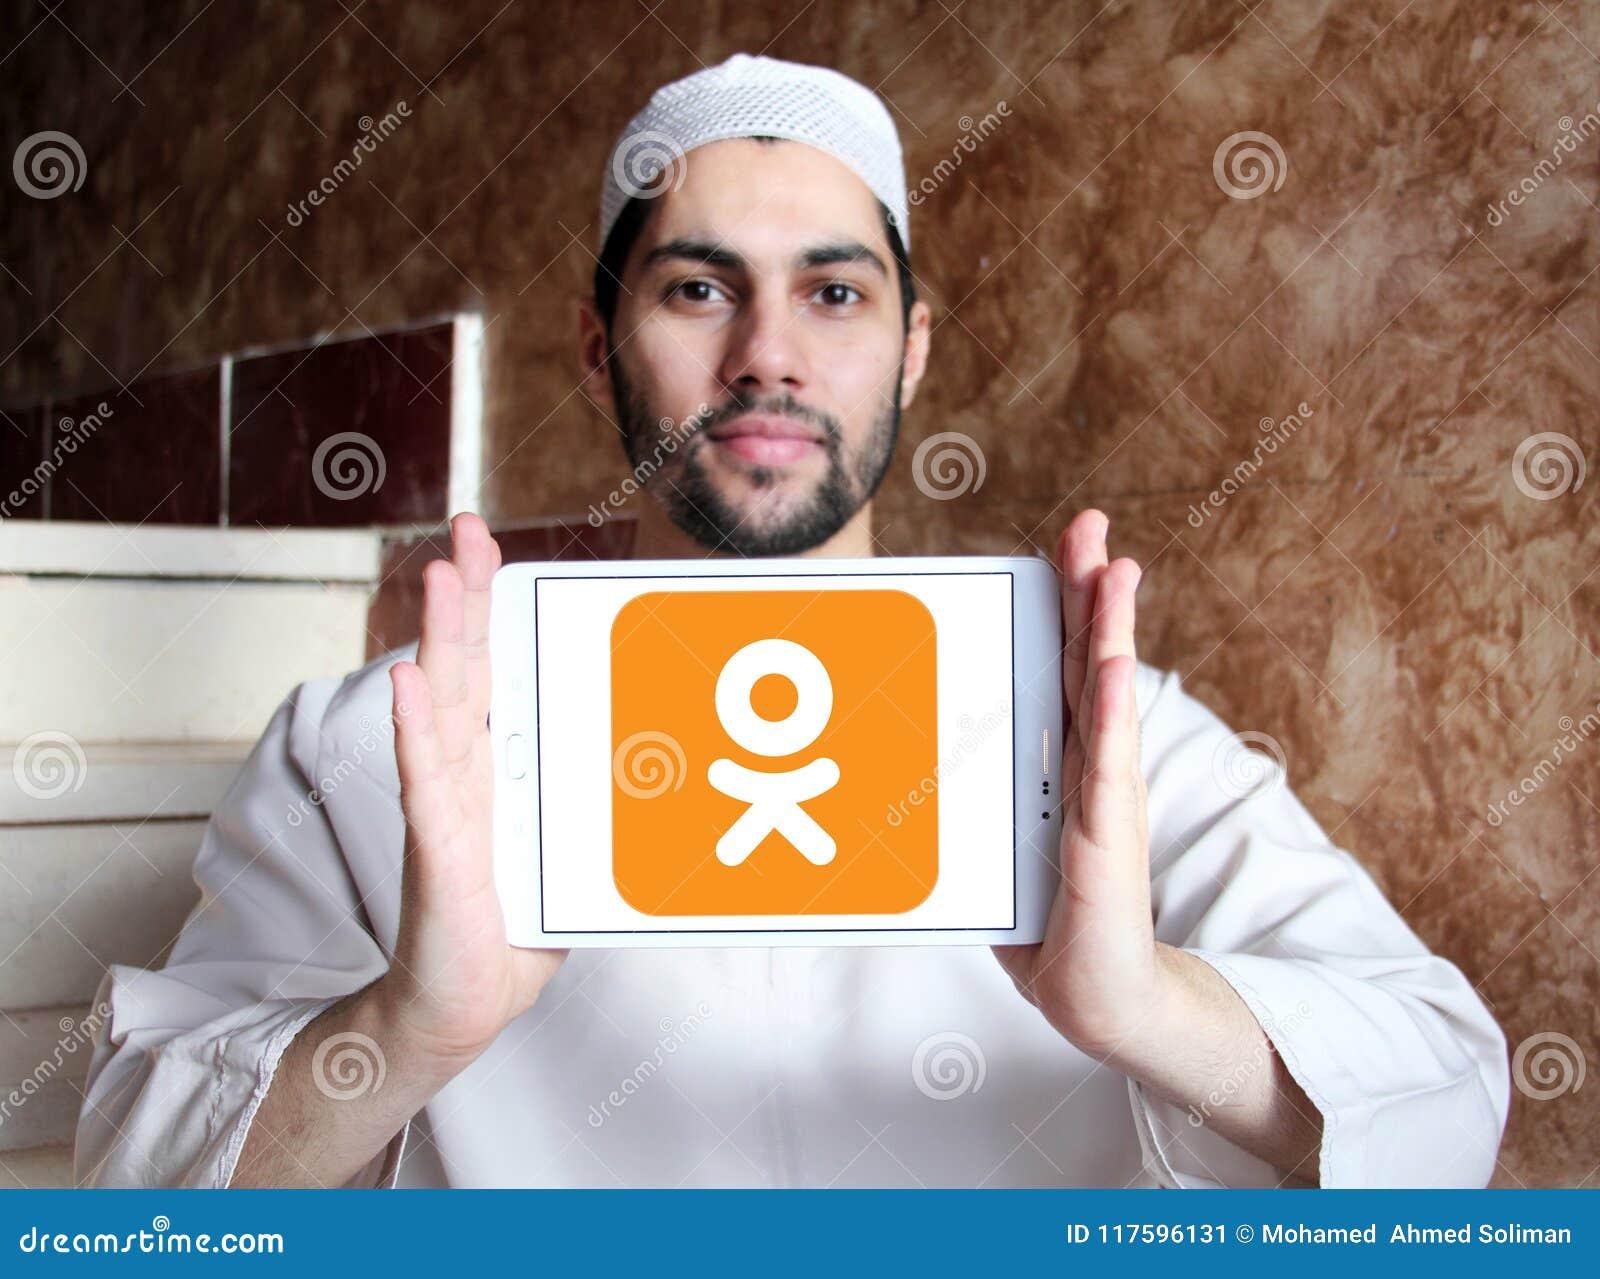 Odnoklassniki , OK ru , Social Network Logo Editorial Photo